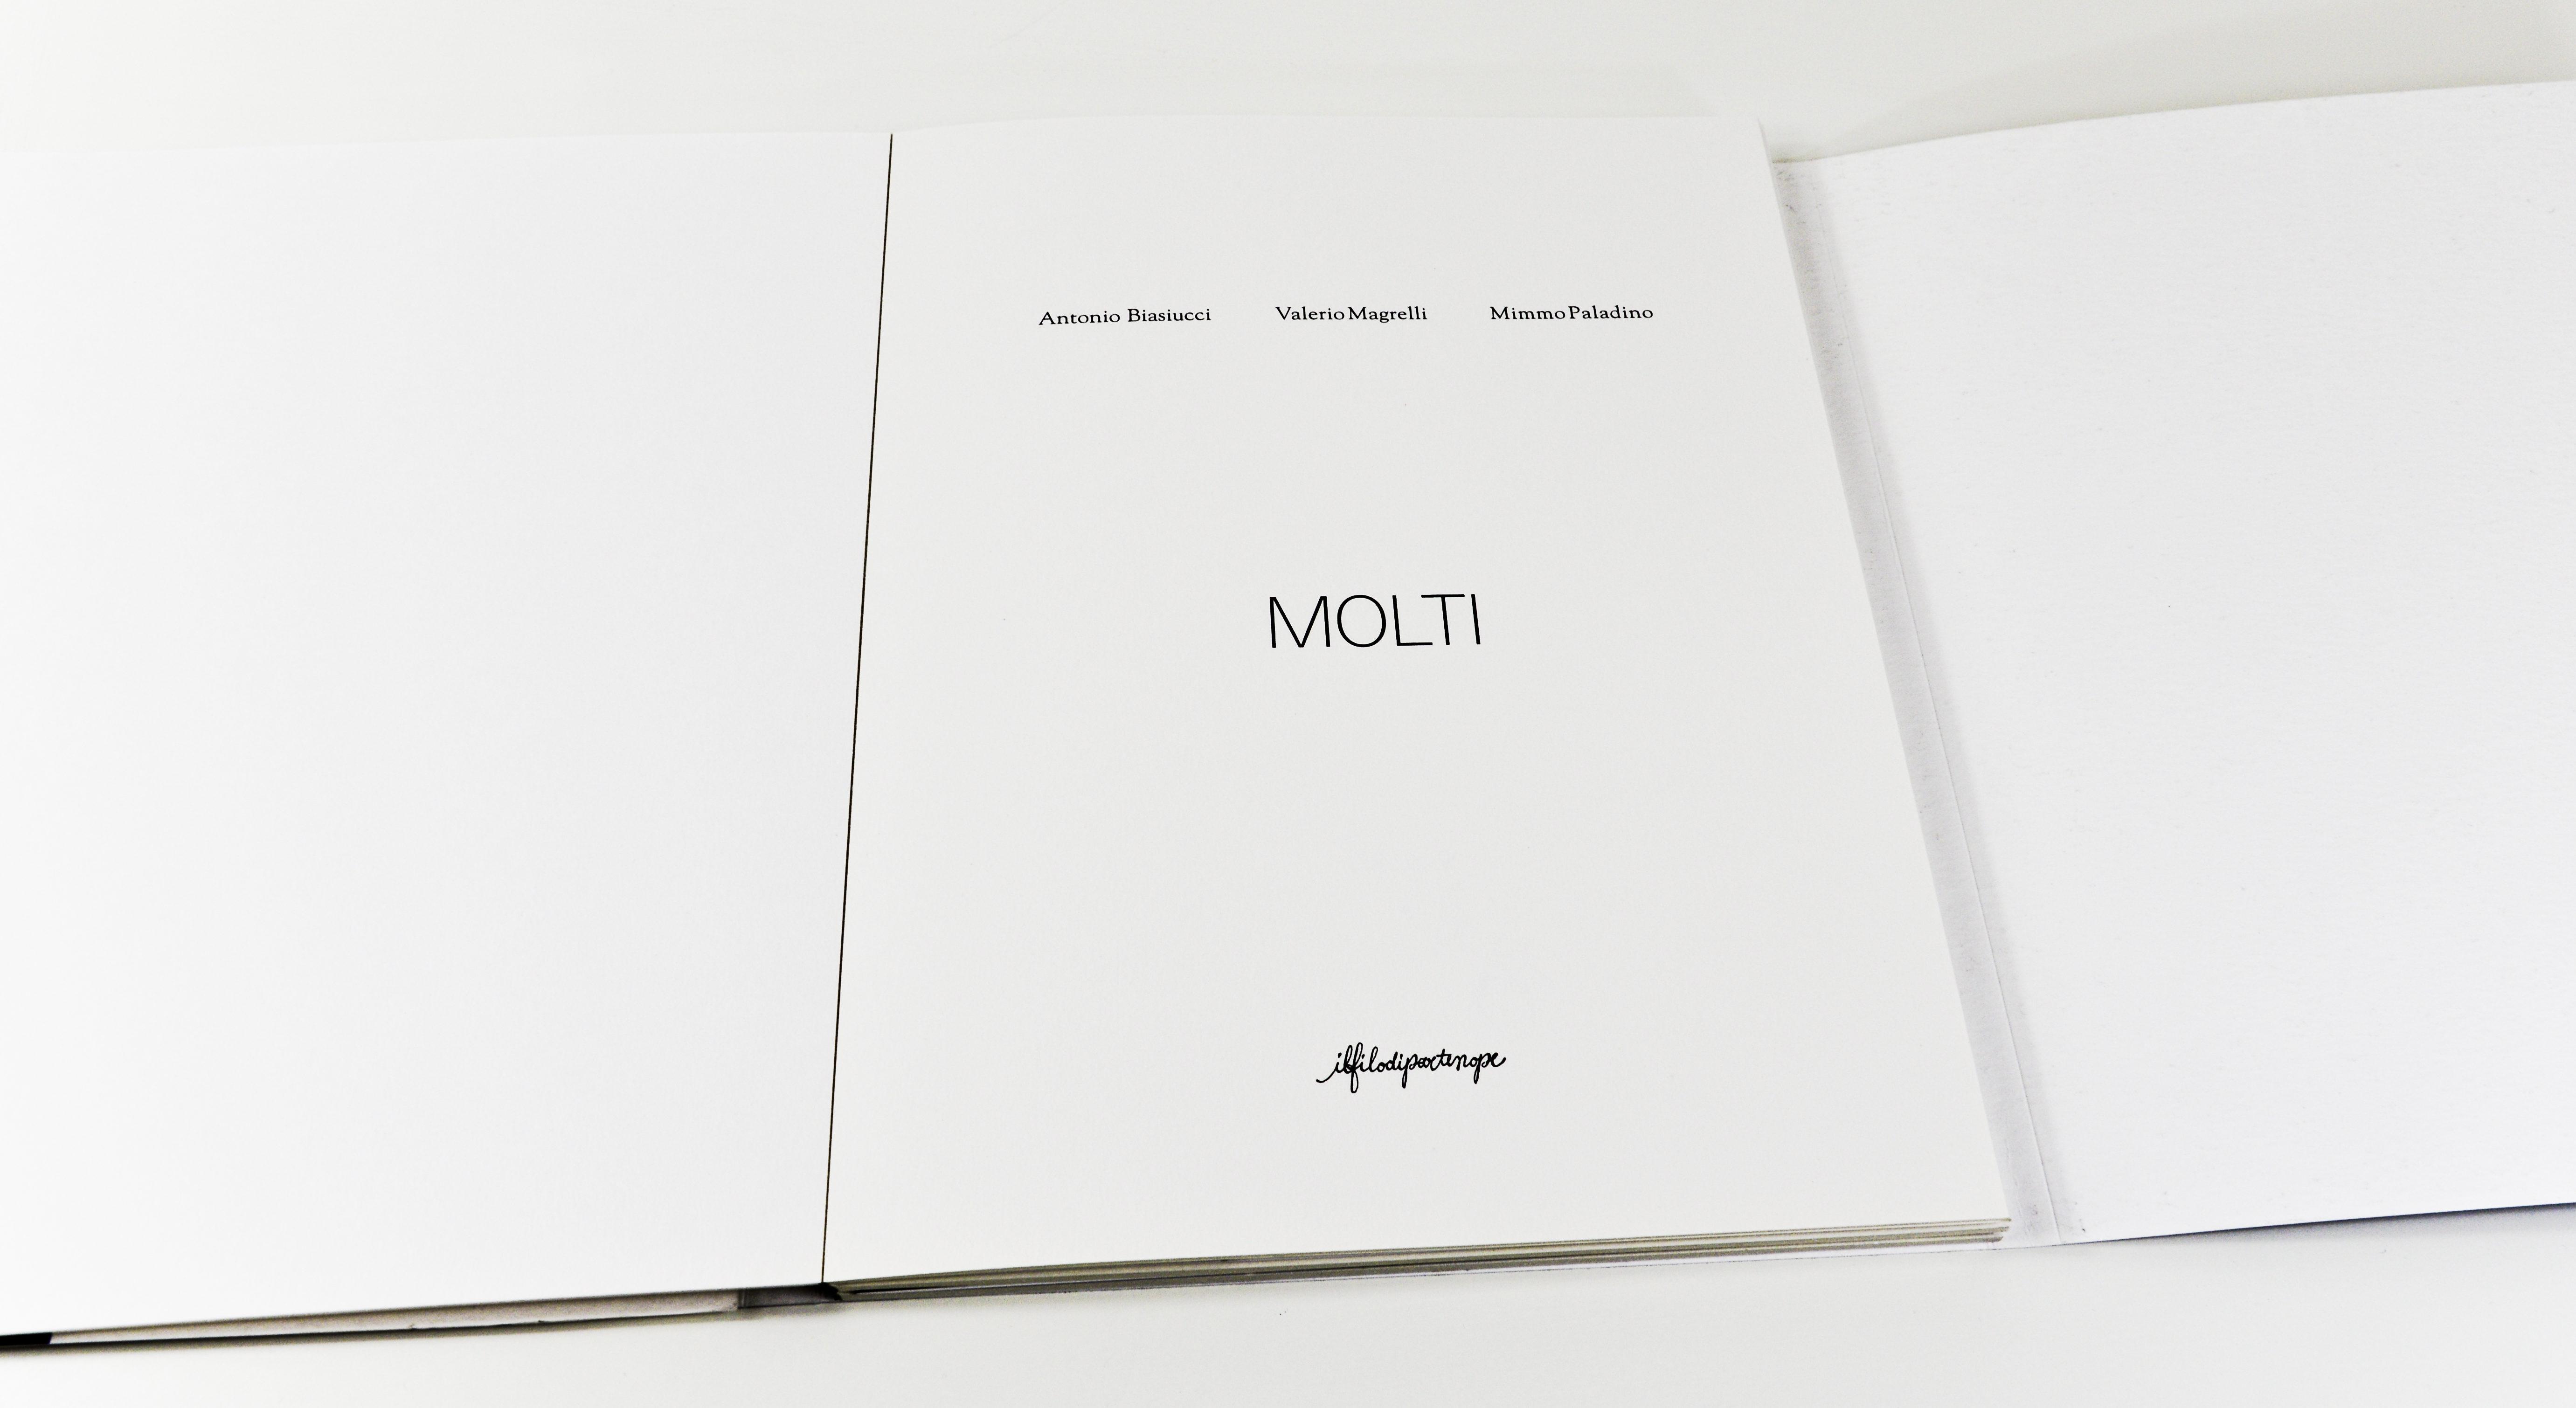 MOLTI - Biasiucci Magrelli Palladino